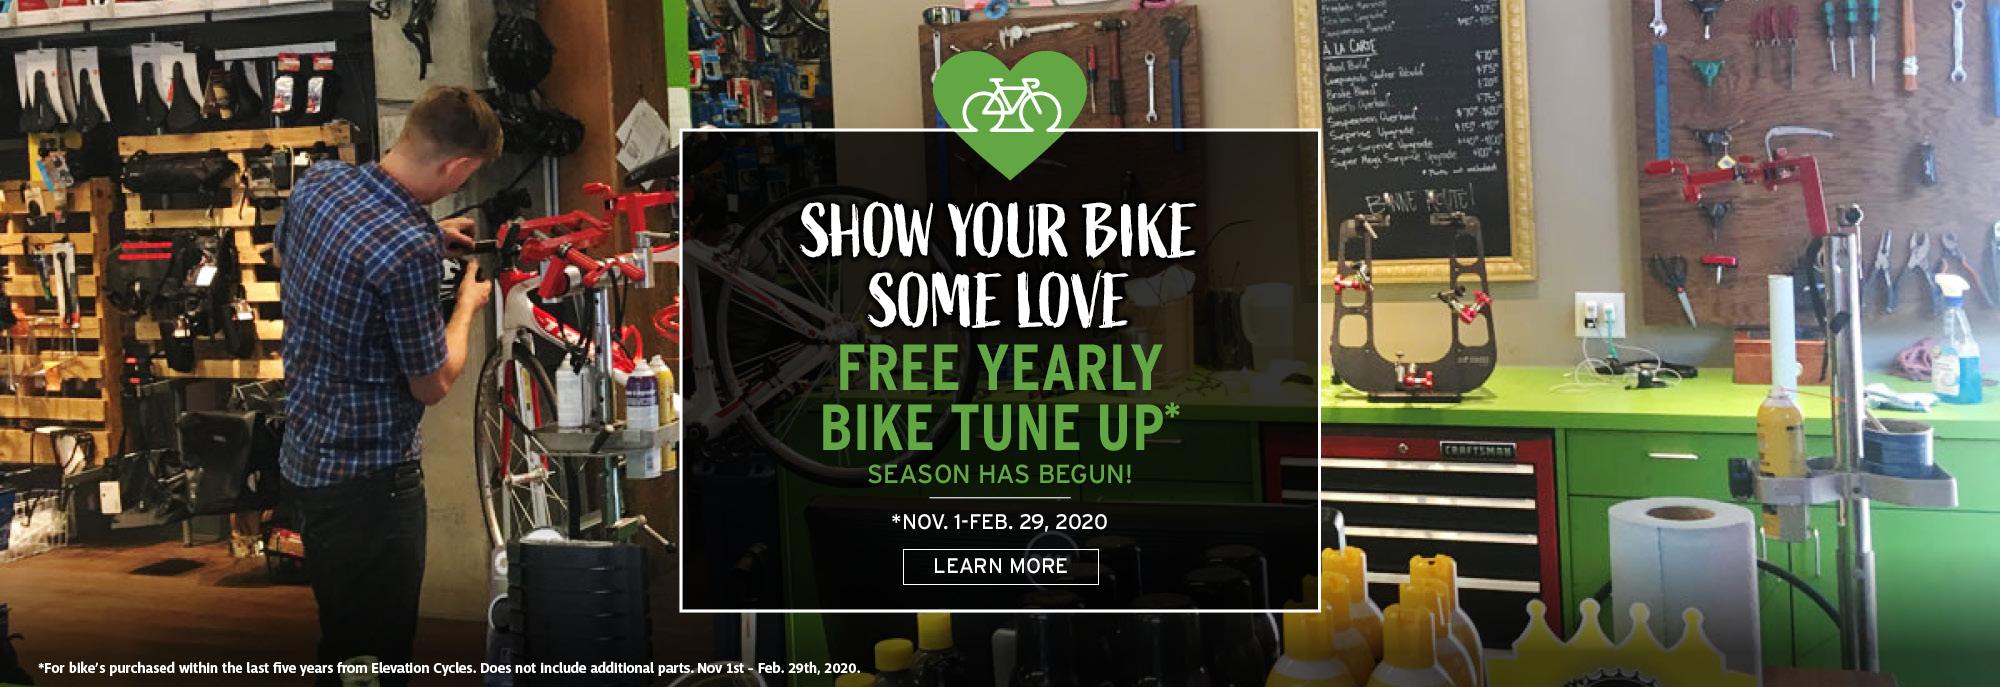 Denver Highlands Ranch Parker Bike Tune-Up